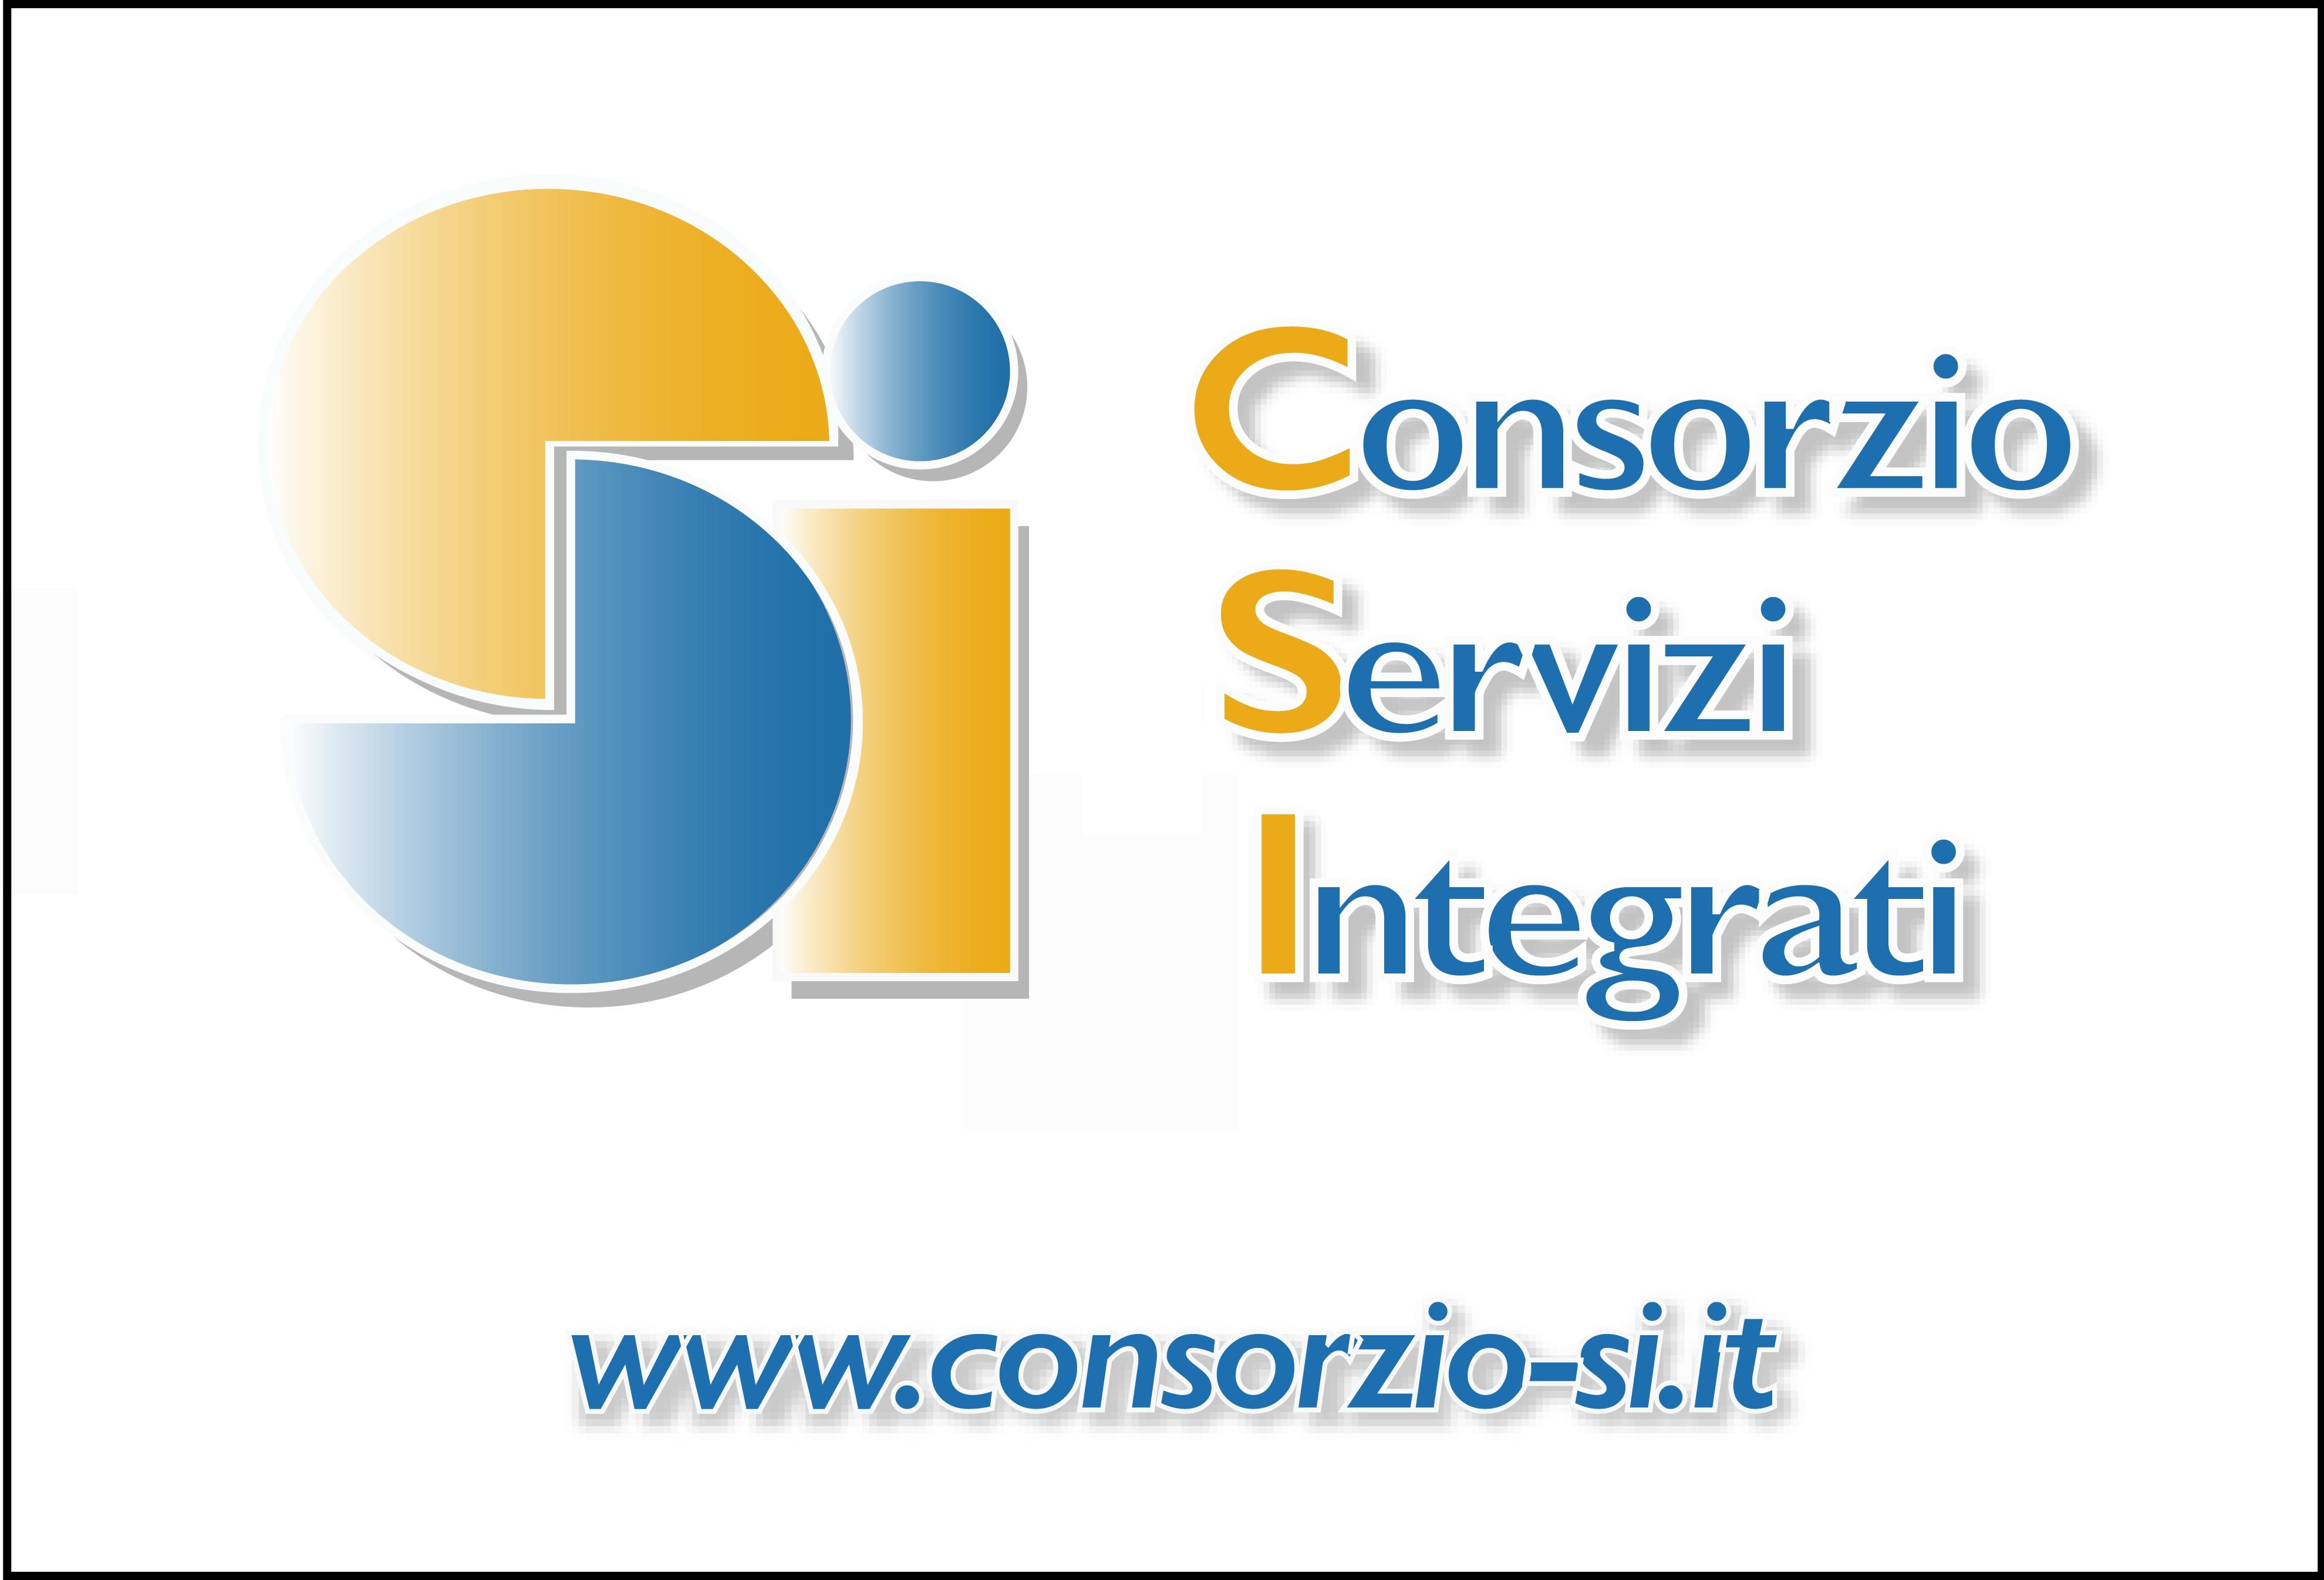 consorzio-servizi-integrati